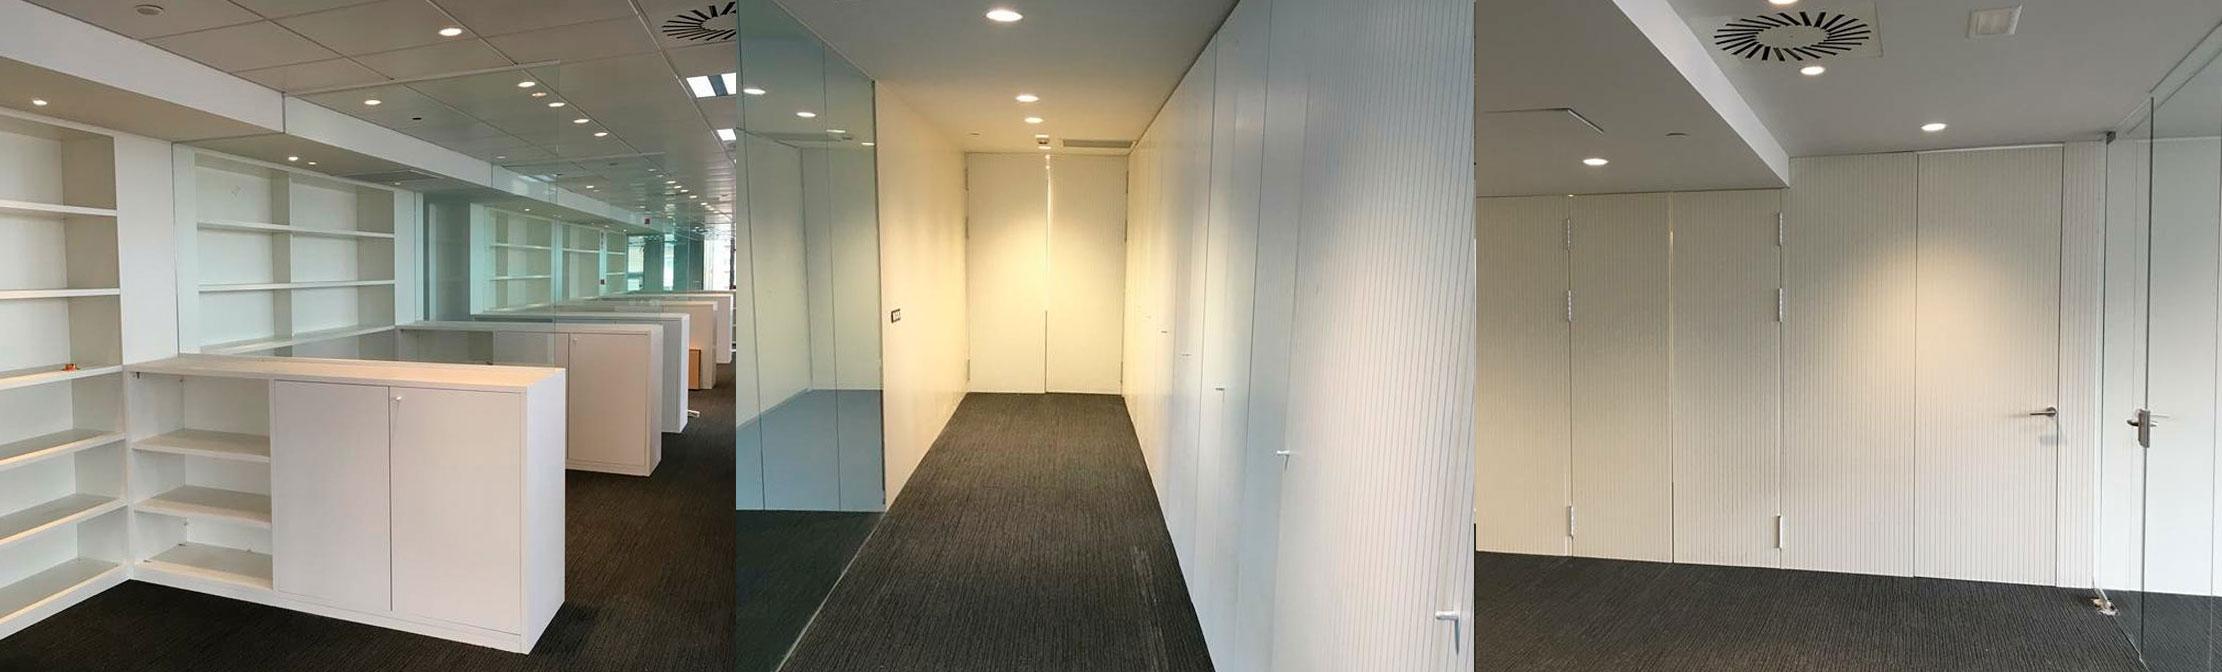 Reformas de oficinas y negocios alta calidad.